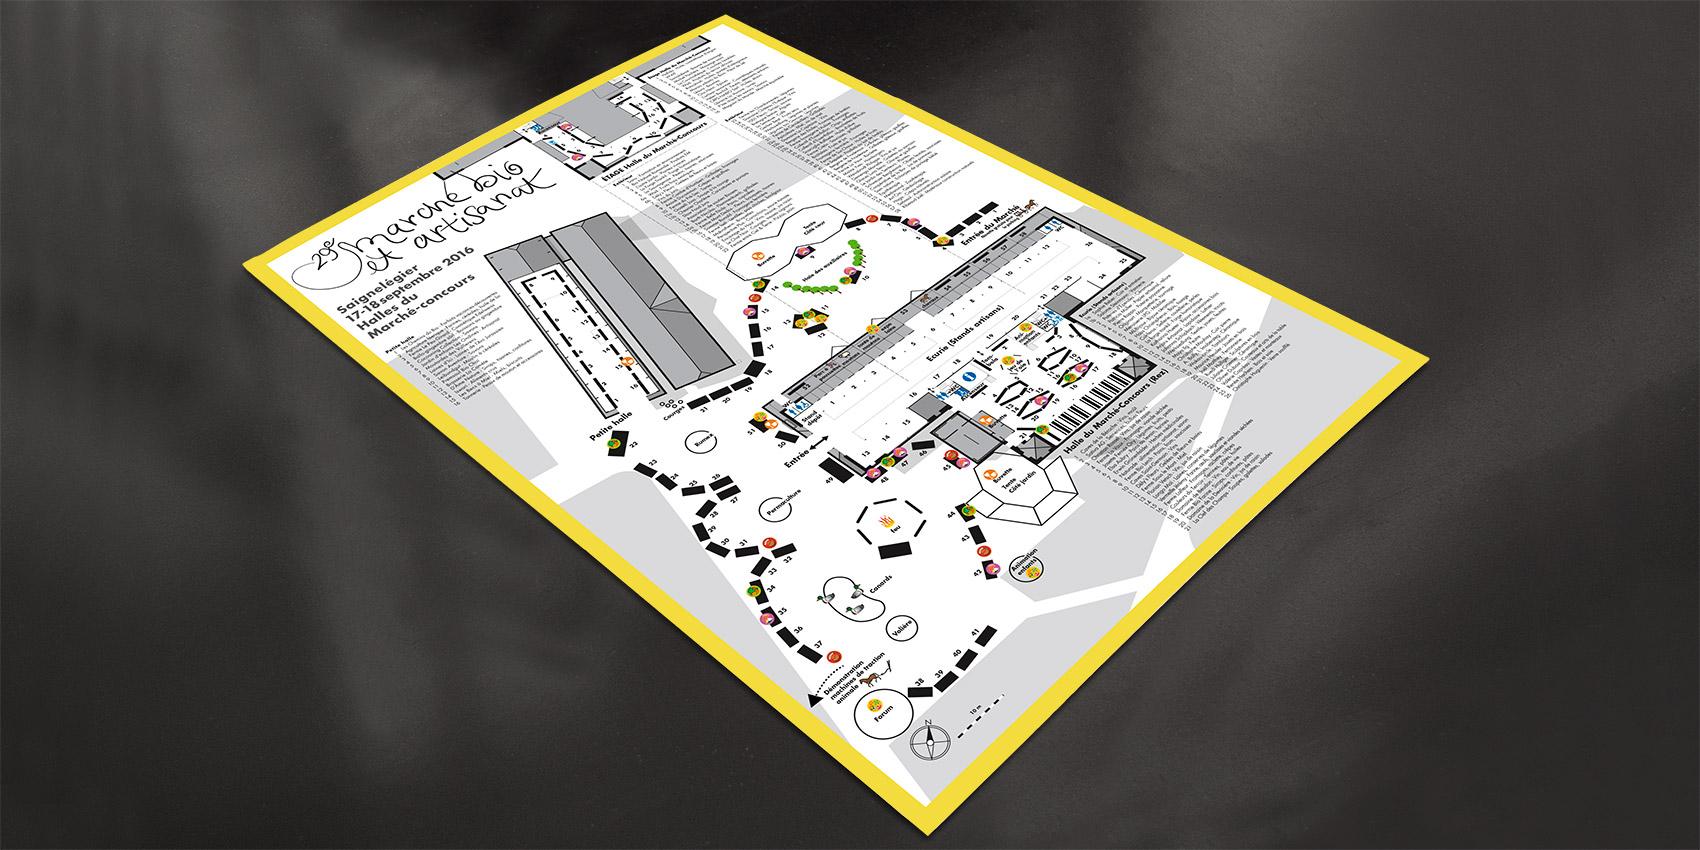 Marché bio - programme - B12communication, communication et graphisme